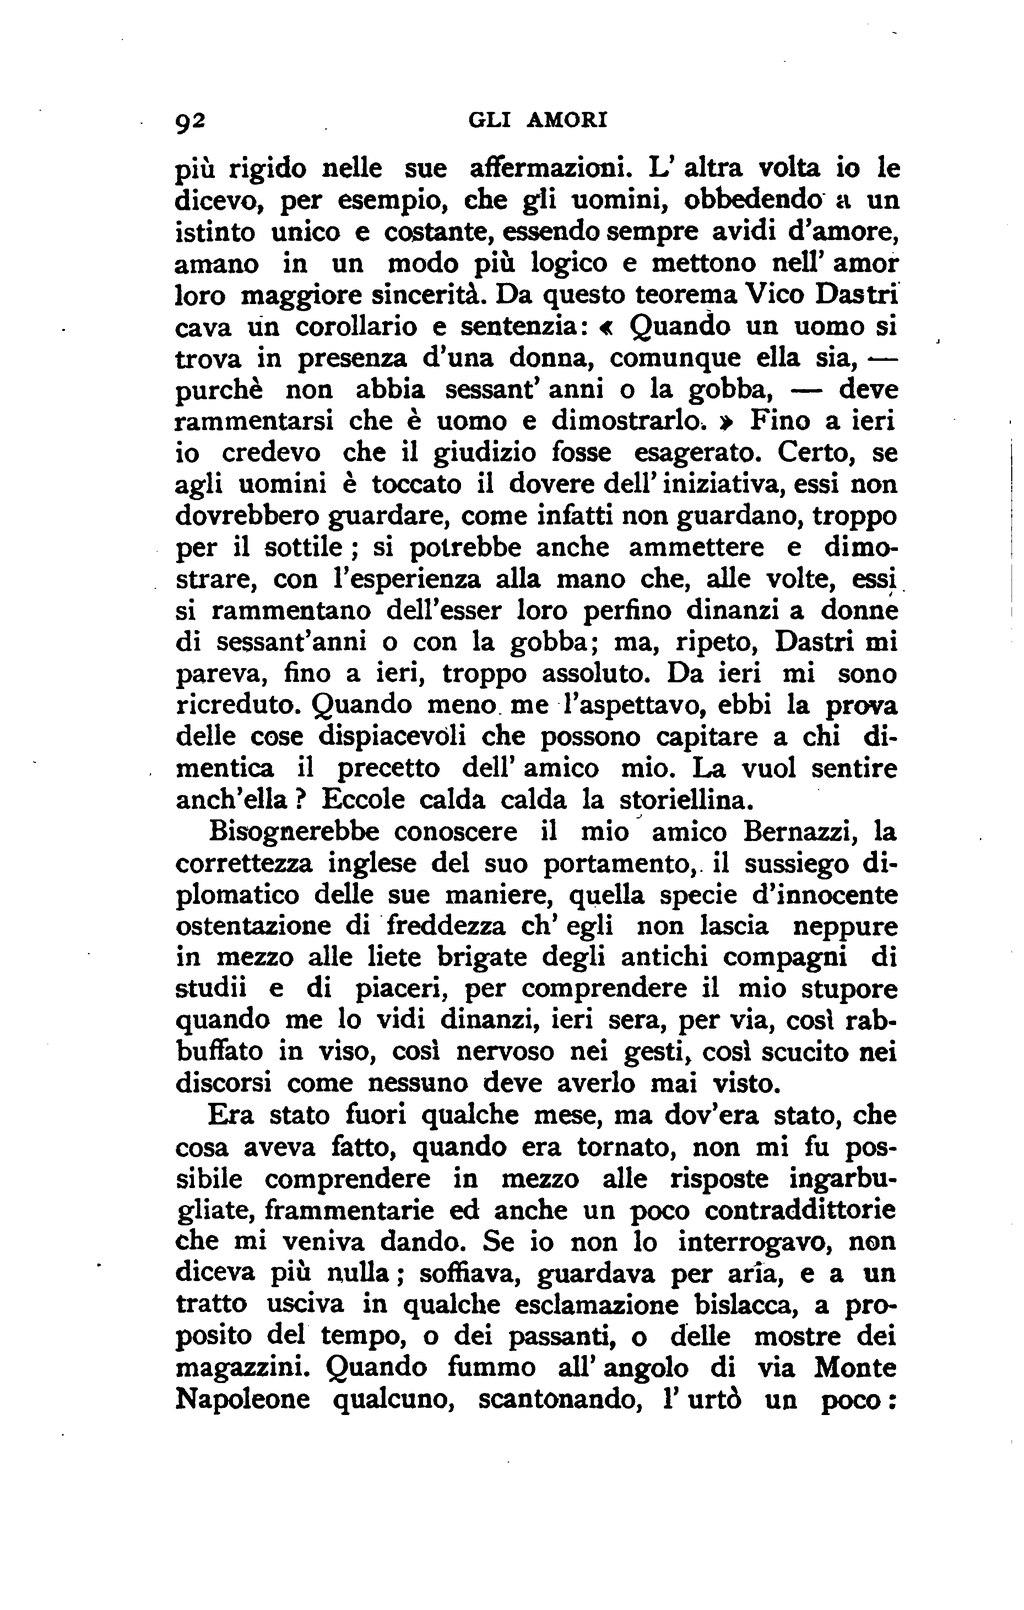 Amori De pagina:de roberto - gli amori.djvu/102 - wikisource